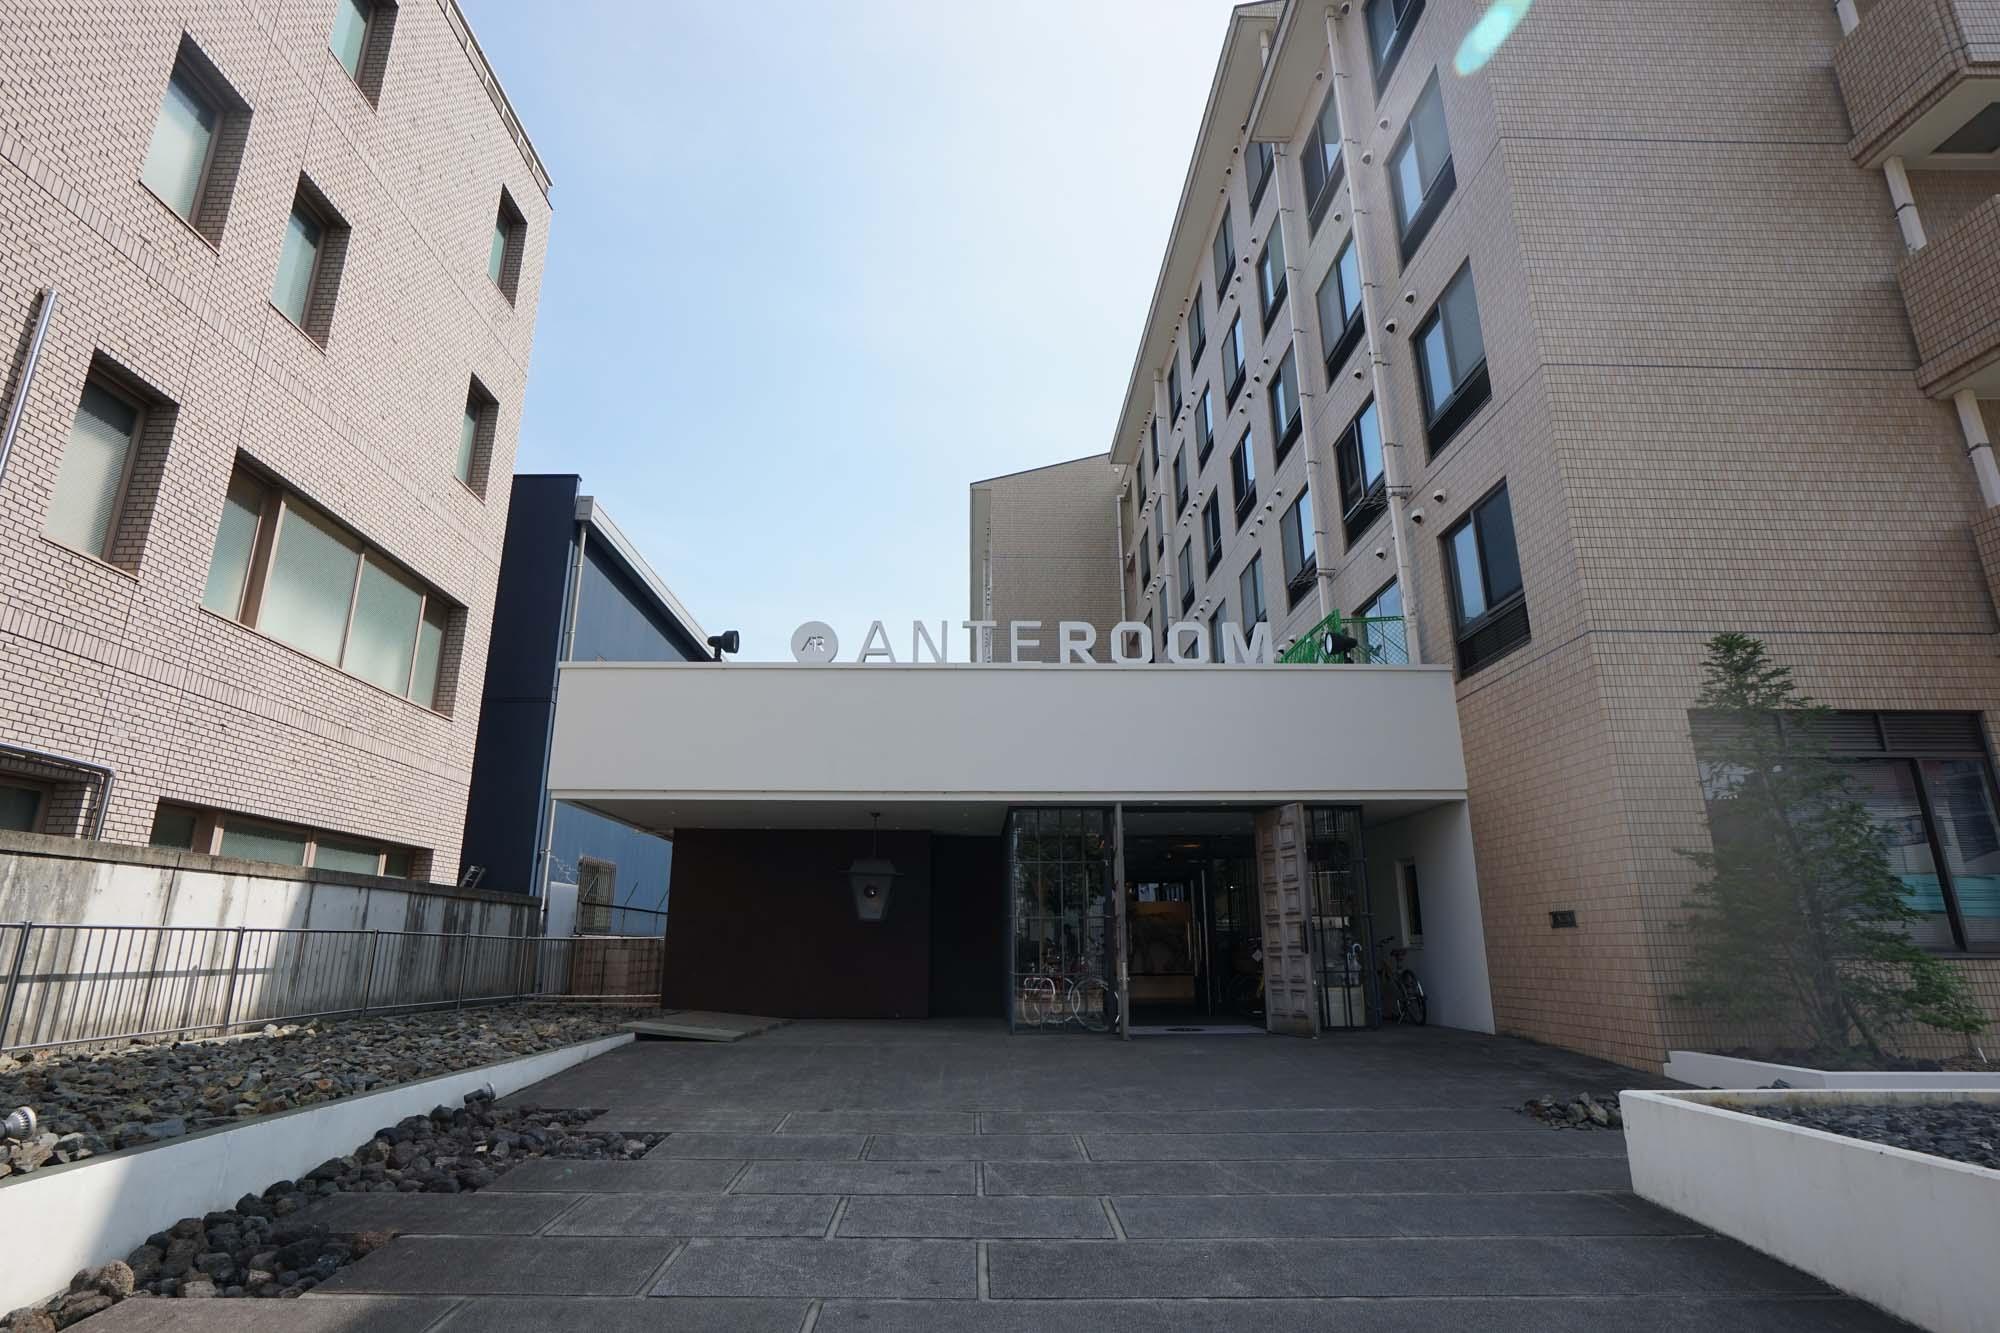 京都駅からわずか1駅の地下鉄九条駅から、歩いて6分ほど。住宅街の中に位置するホテルです。ホテルの隣には、アパートメントも併設しています。